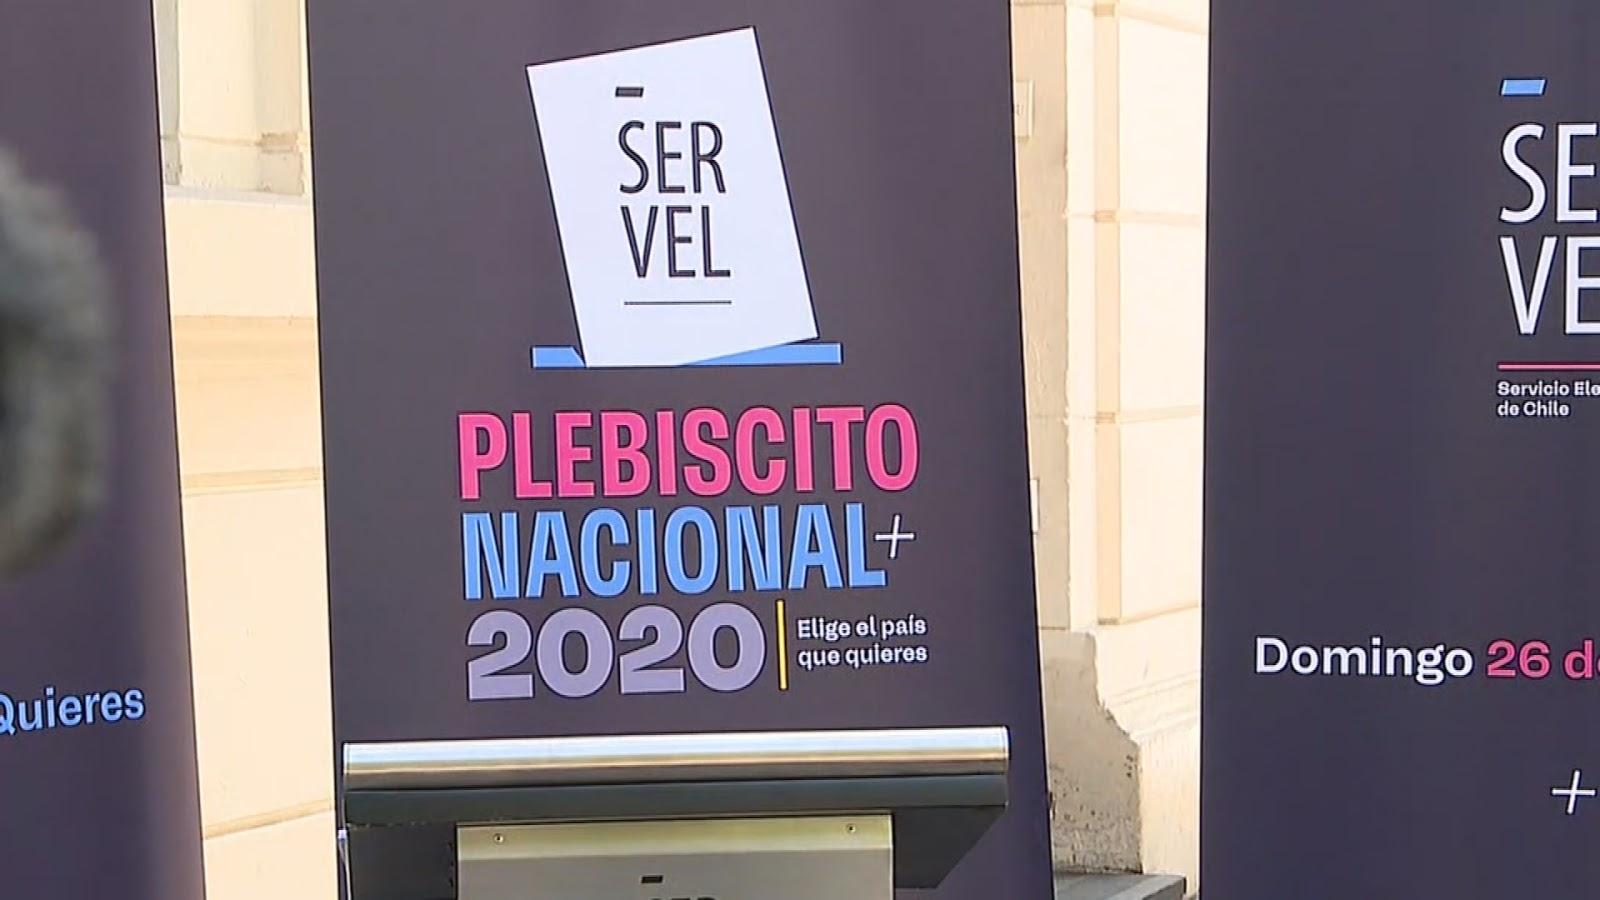 Oposición presentará proyecto para limitar gastos de campaña en el plebiscito